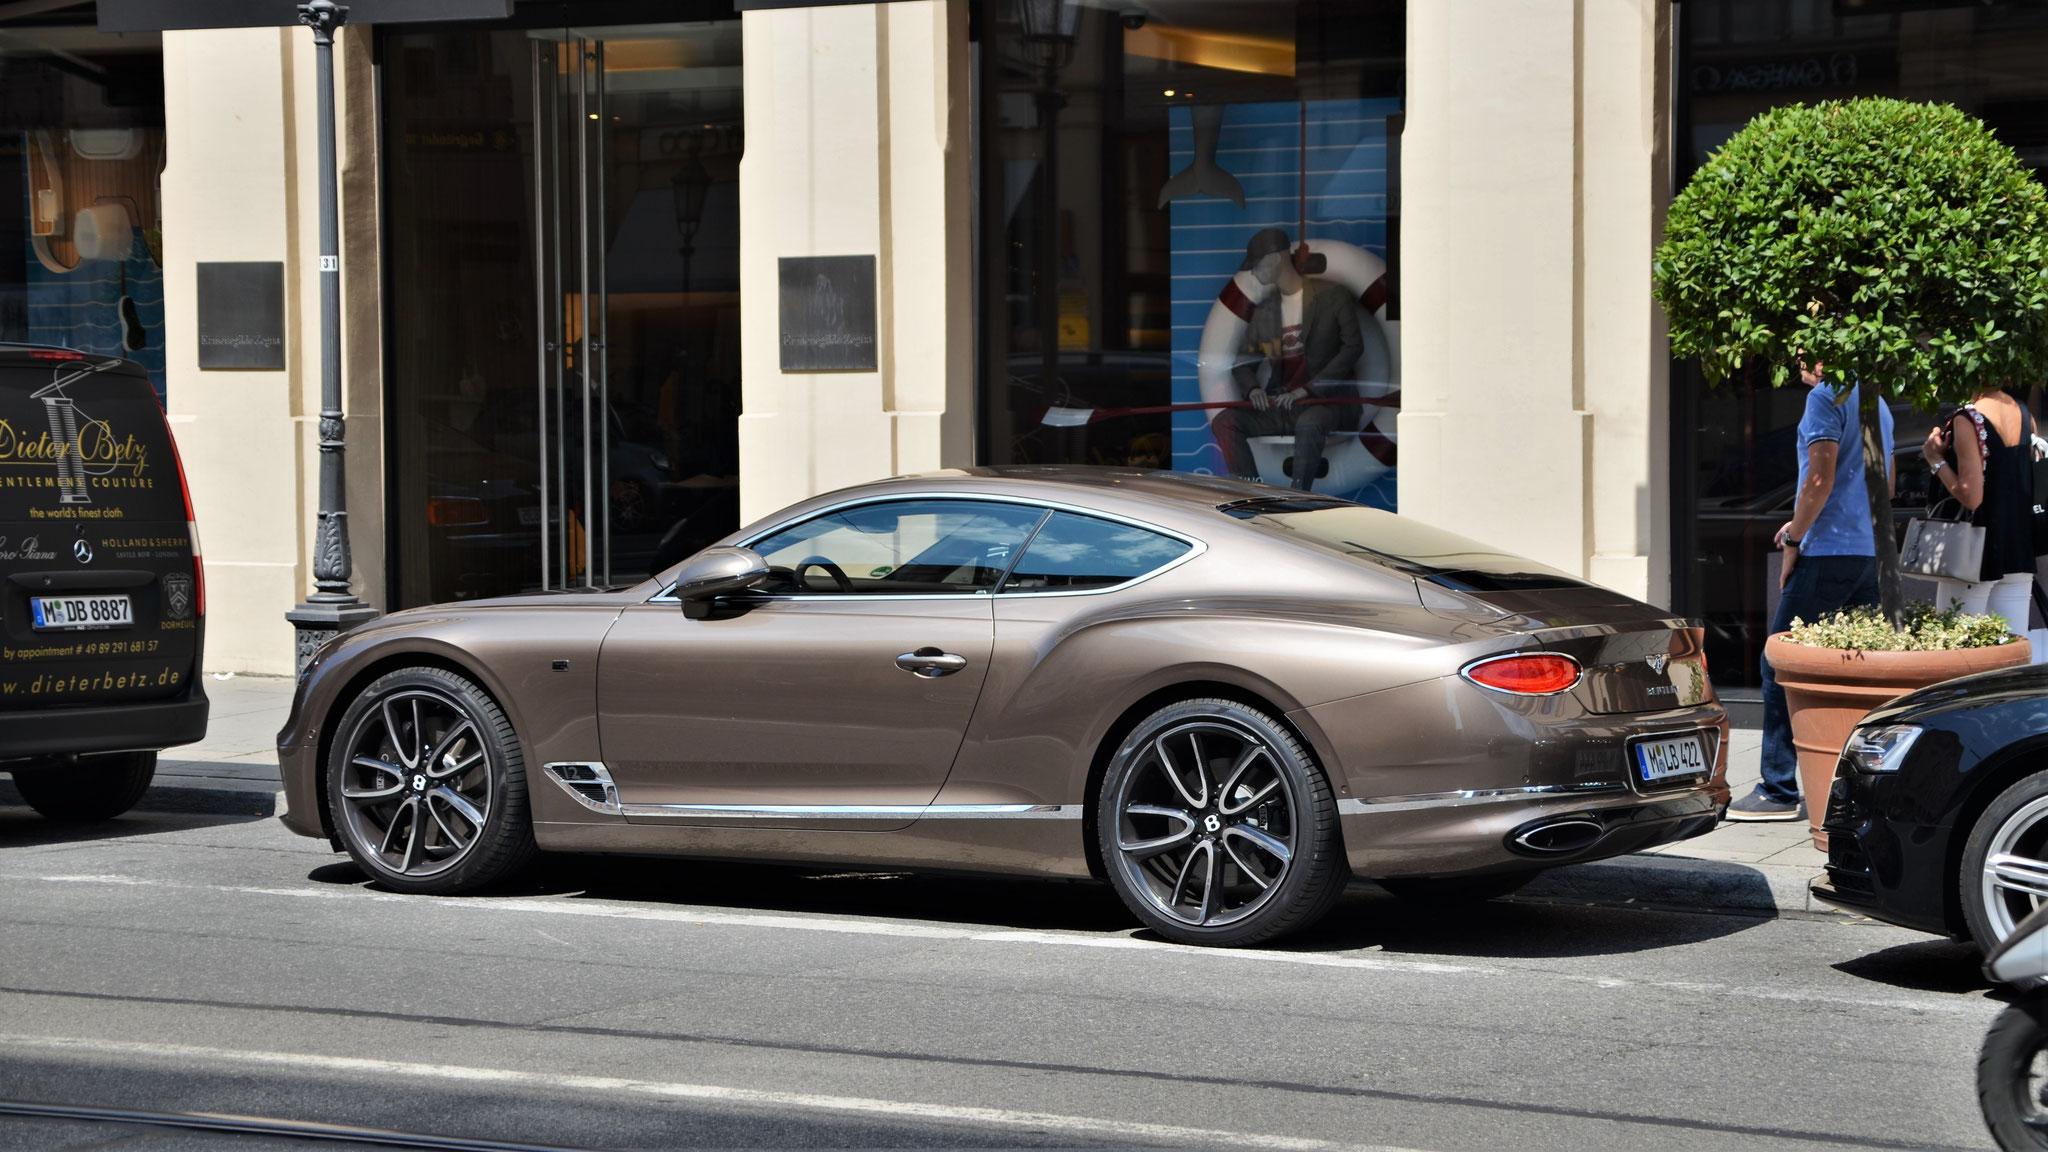 Bentley Continental GT - M-LB-422